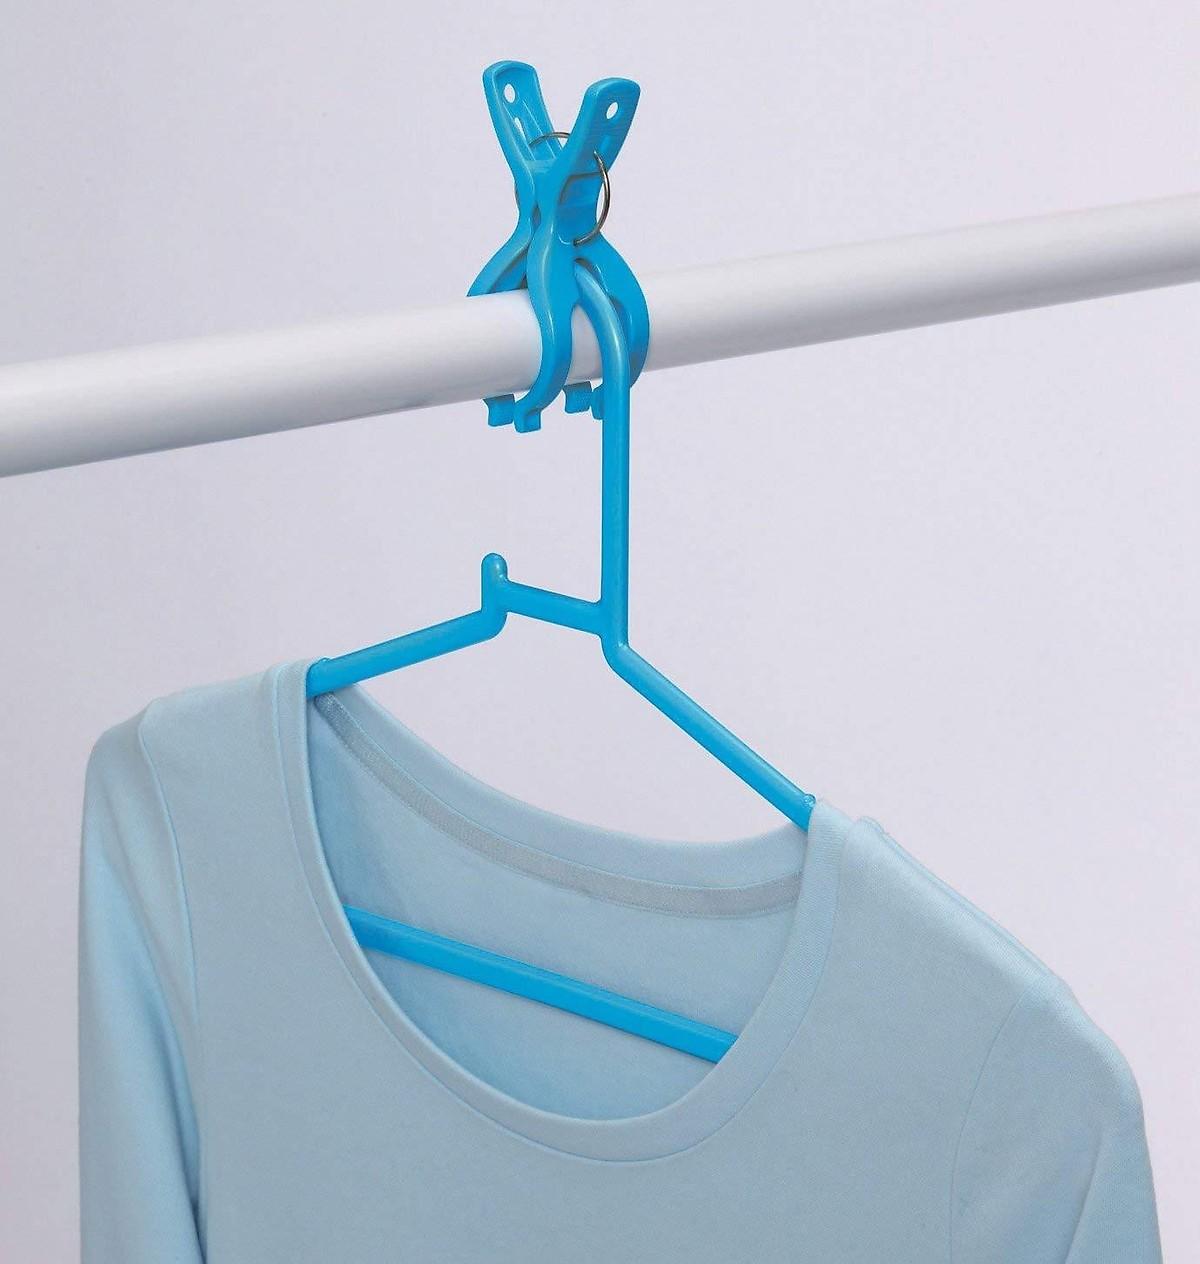 Bộ 3 kẹp ngoạm chống bay quần áo (bộ 10 cái)